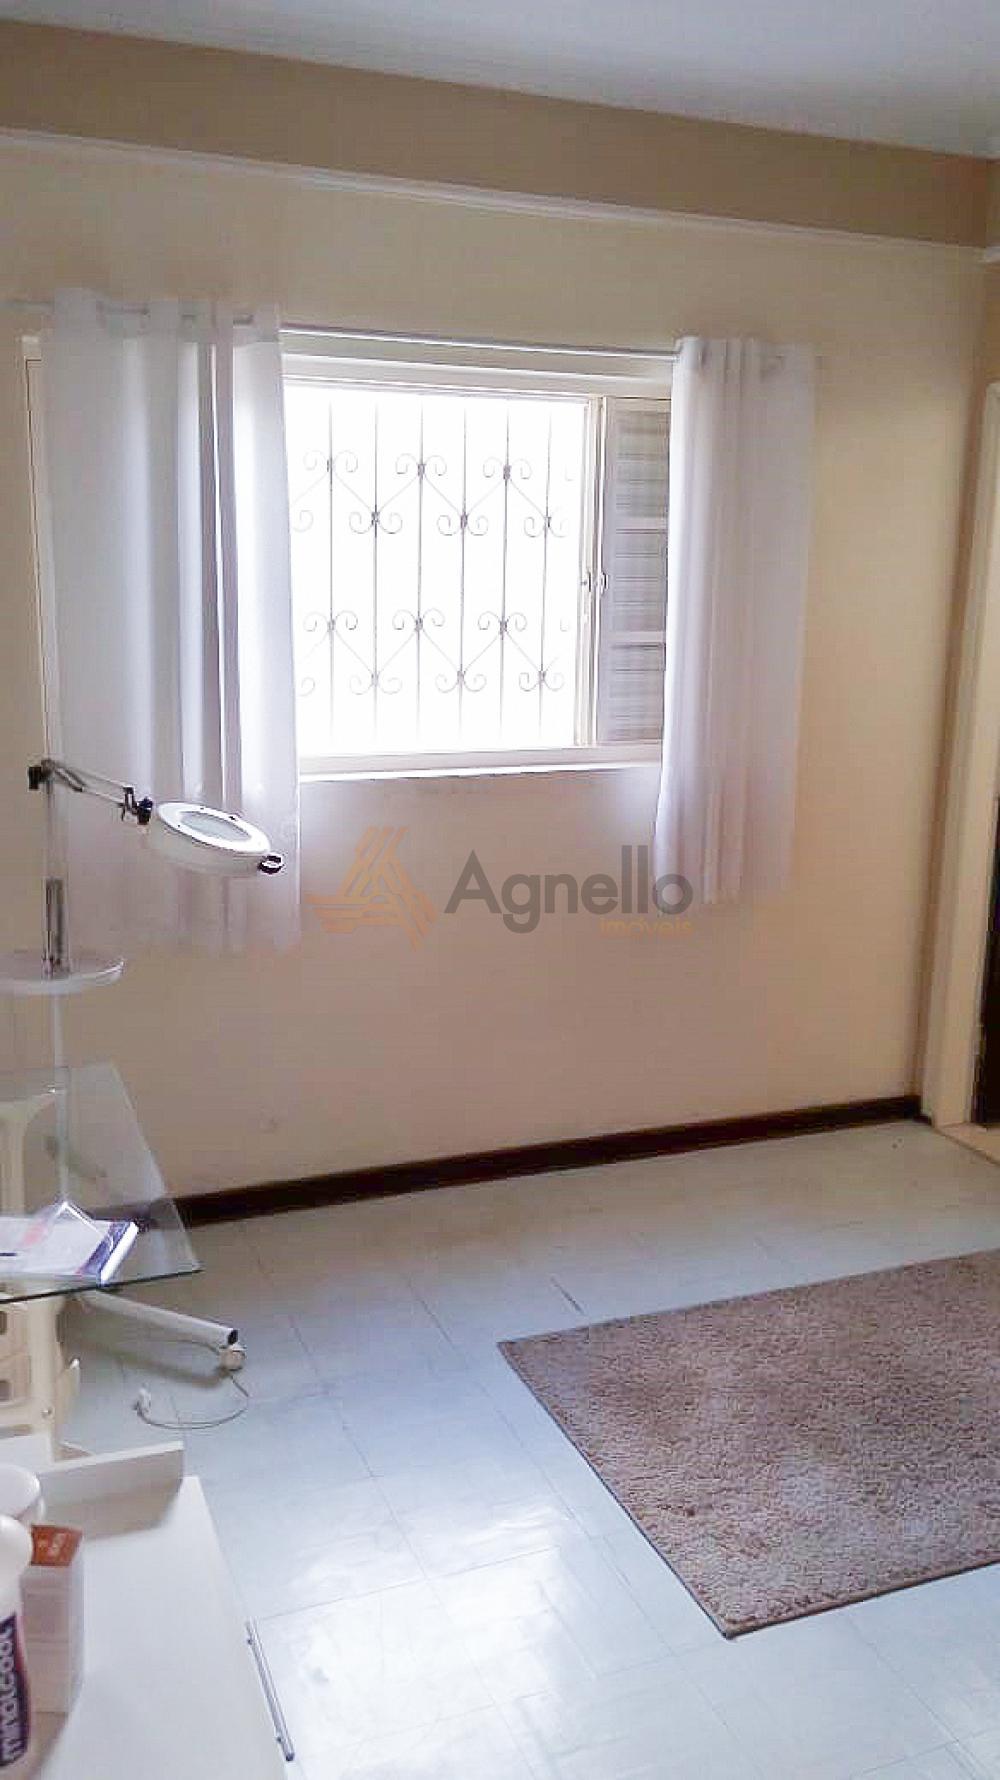 Comprar Casa / Padrão em Franca apenas R$ 380.000,00 - Foto 5